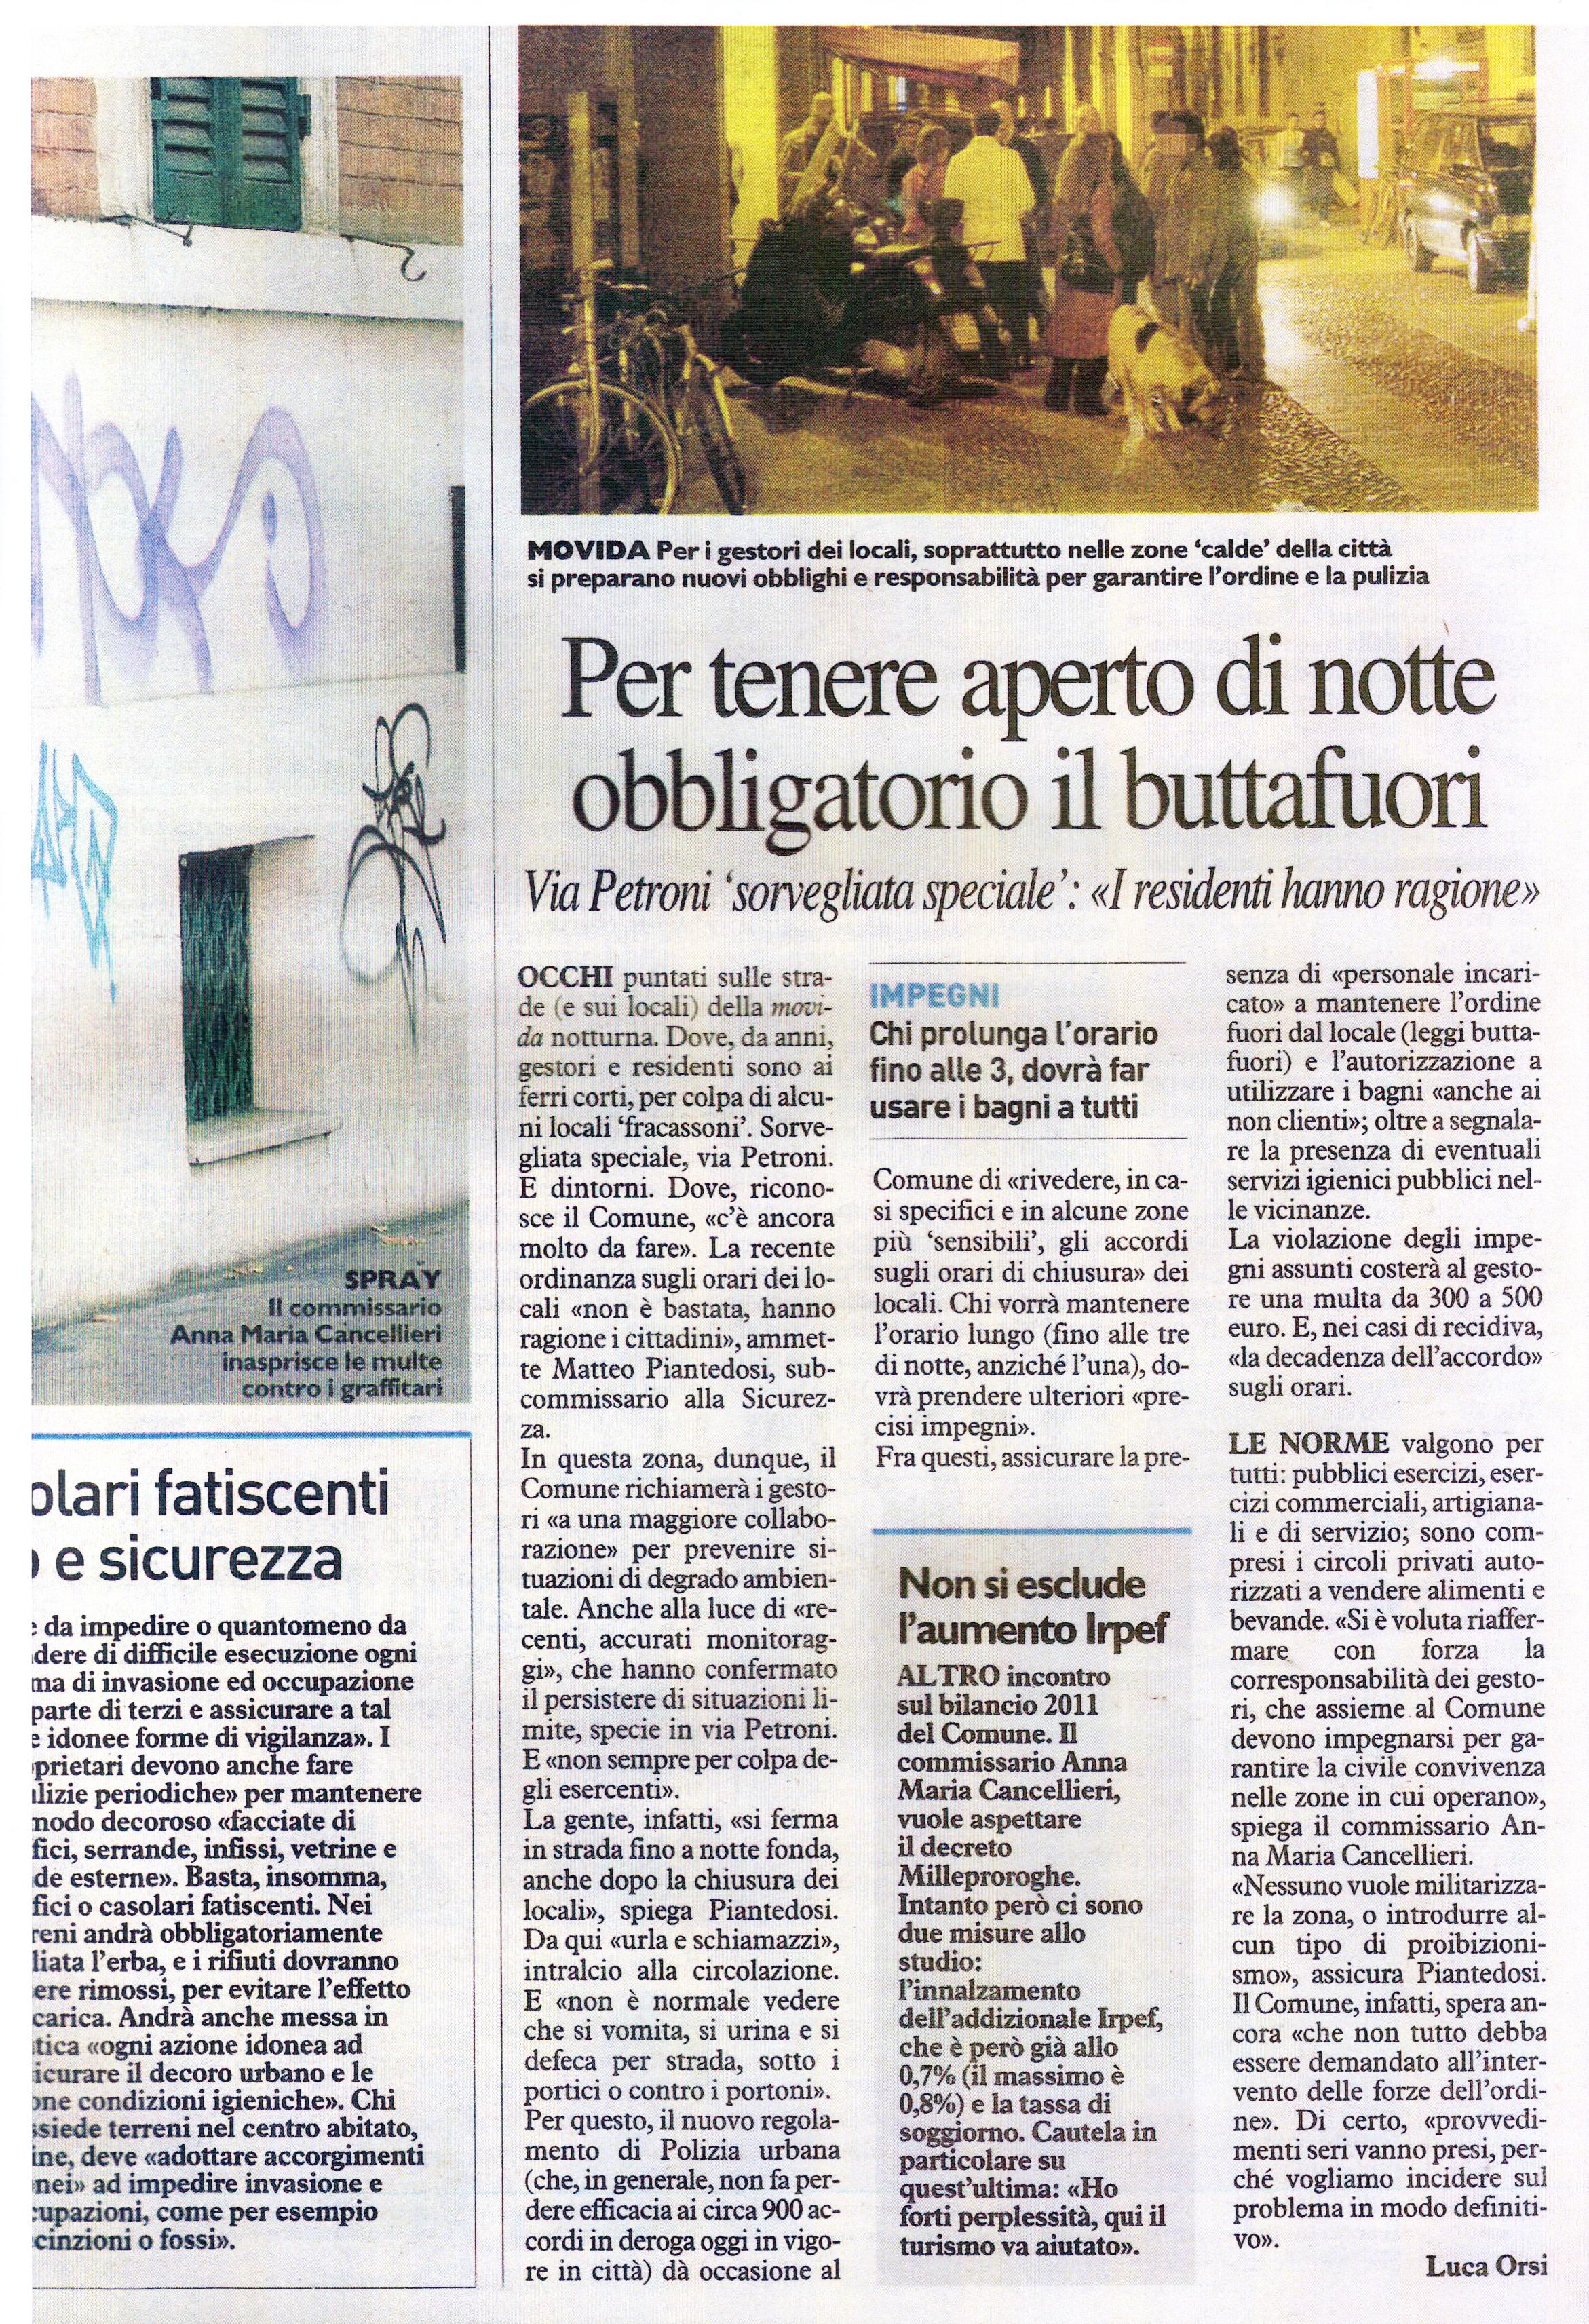 Awesome Tassa Soggiorno Bologna Photos - Carolineskywalker ...